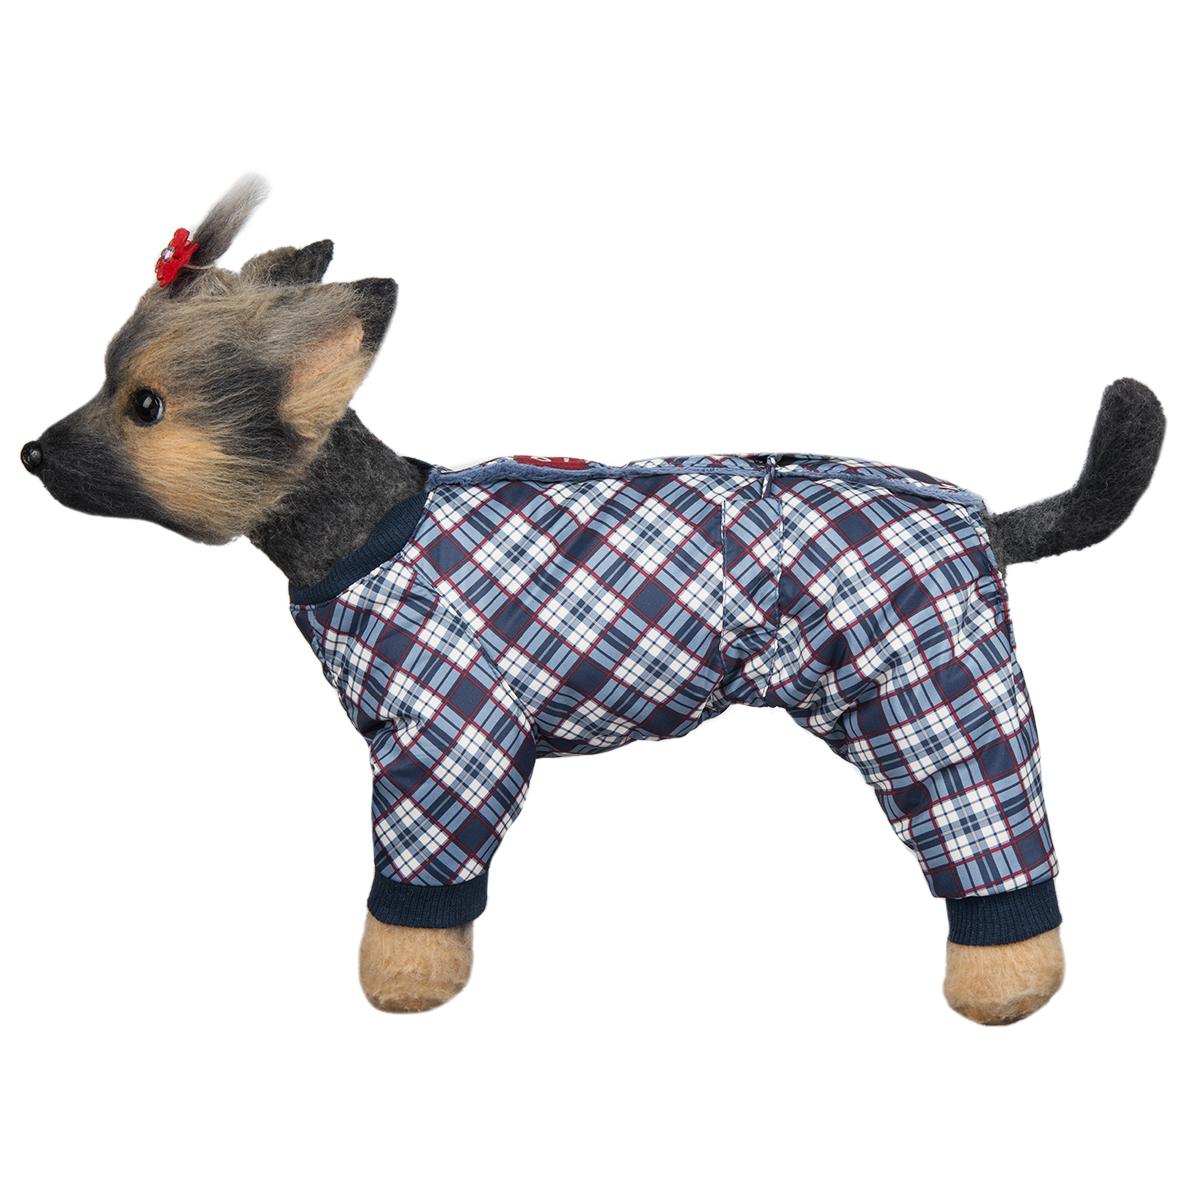 Комбинезон для собак Dogmoda Нью-Йорк, для мальчика. Размер 4 (XL)DM-160293-4Комбинезон для собак Dogmoda «НЬЮ-ЙОРК» (мальчик) – зимнее изделие для собак мужского пола, произведённое из ПЭ водоотталкивающего типа. Материал изготовления обеспечивает надёжную защиту от холодной зимней непогоды. В этой одёжке вашему питомцу будут нестрашны даже сильные морозы, и ему не придётся изо дня в день томиться дома. Проектирование одежды под известным торговым брендом Dogmoda осуществляется по последнему слову моды и технологии пошива для собак. Стильный и недорогой, практичный комбинезон быстро станет привычным для его владельца. Искусственный мех, обеспечивающий непрерывный воздухообмен, создаст ощущение не только тепла, но и комфорта во время ношения. Благодаря специальному шнурку и вшитым изнутри резинкам комбинезон будет плотно облегать туловище собаки, предотвращать проникновение холода и усиливать ощущение тепла. Качественная одежда позволит сохранить кожу маленькой собачки нежной, а шерсть – ухоженной.